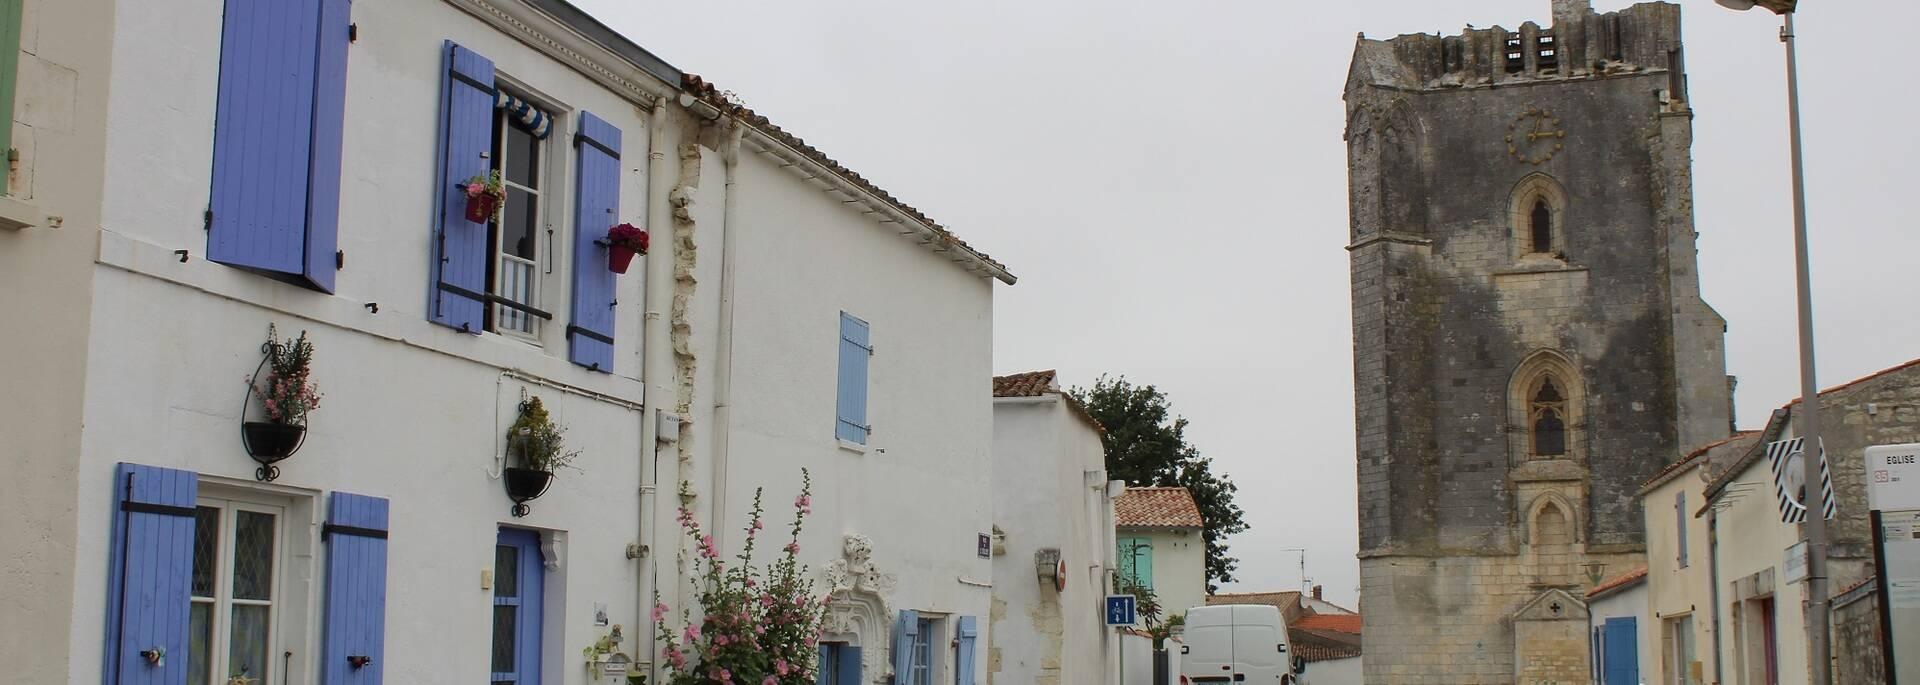 L'église de Marsilly en Charente-Maritime - ©P.Migaud / FDHPA17